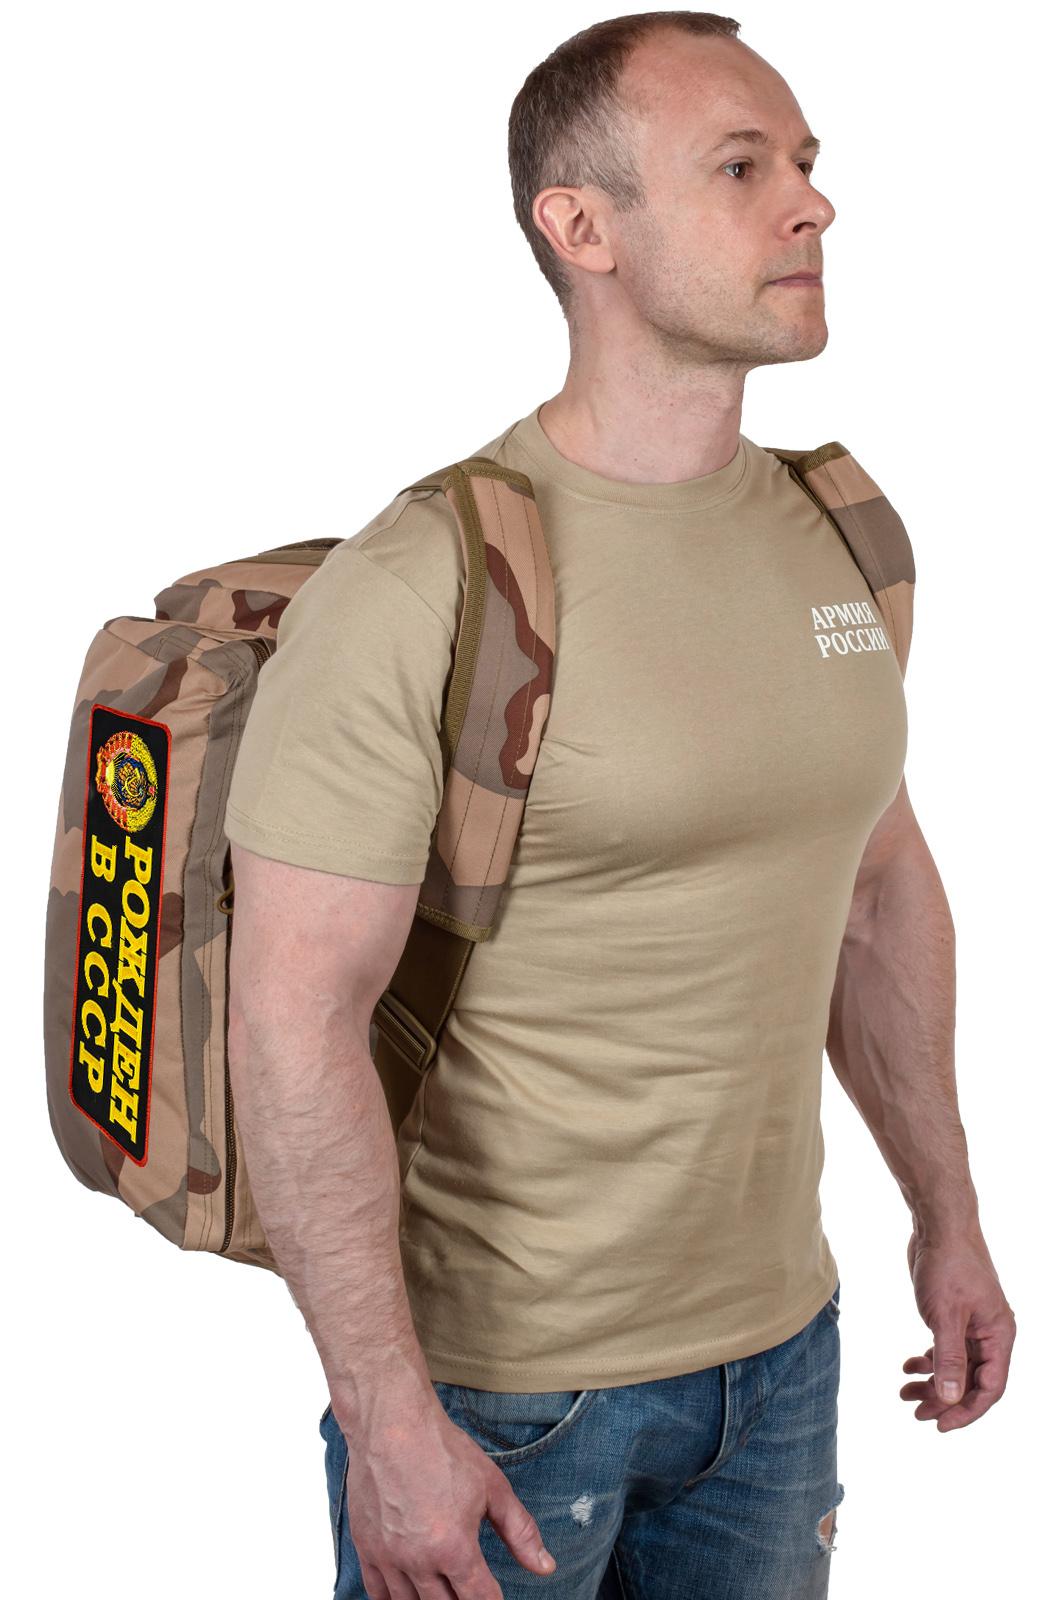 Дорожная камуфляжная сумка с нашивкой Рожден в СССР - купить с доставкой